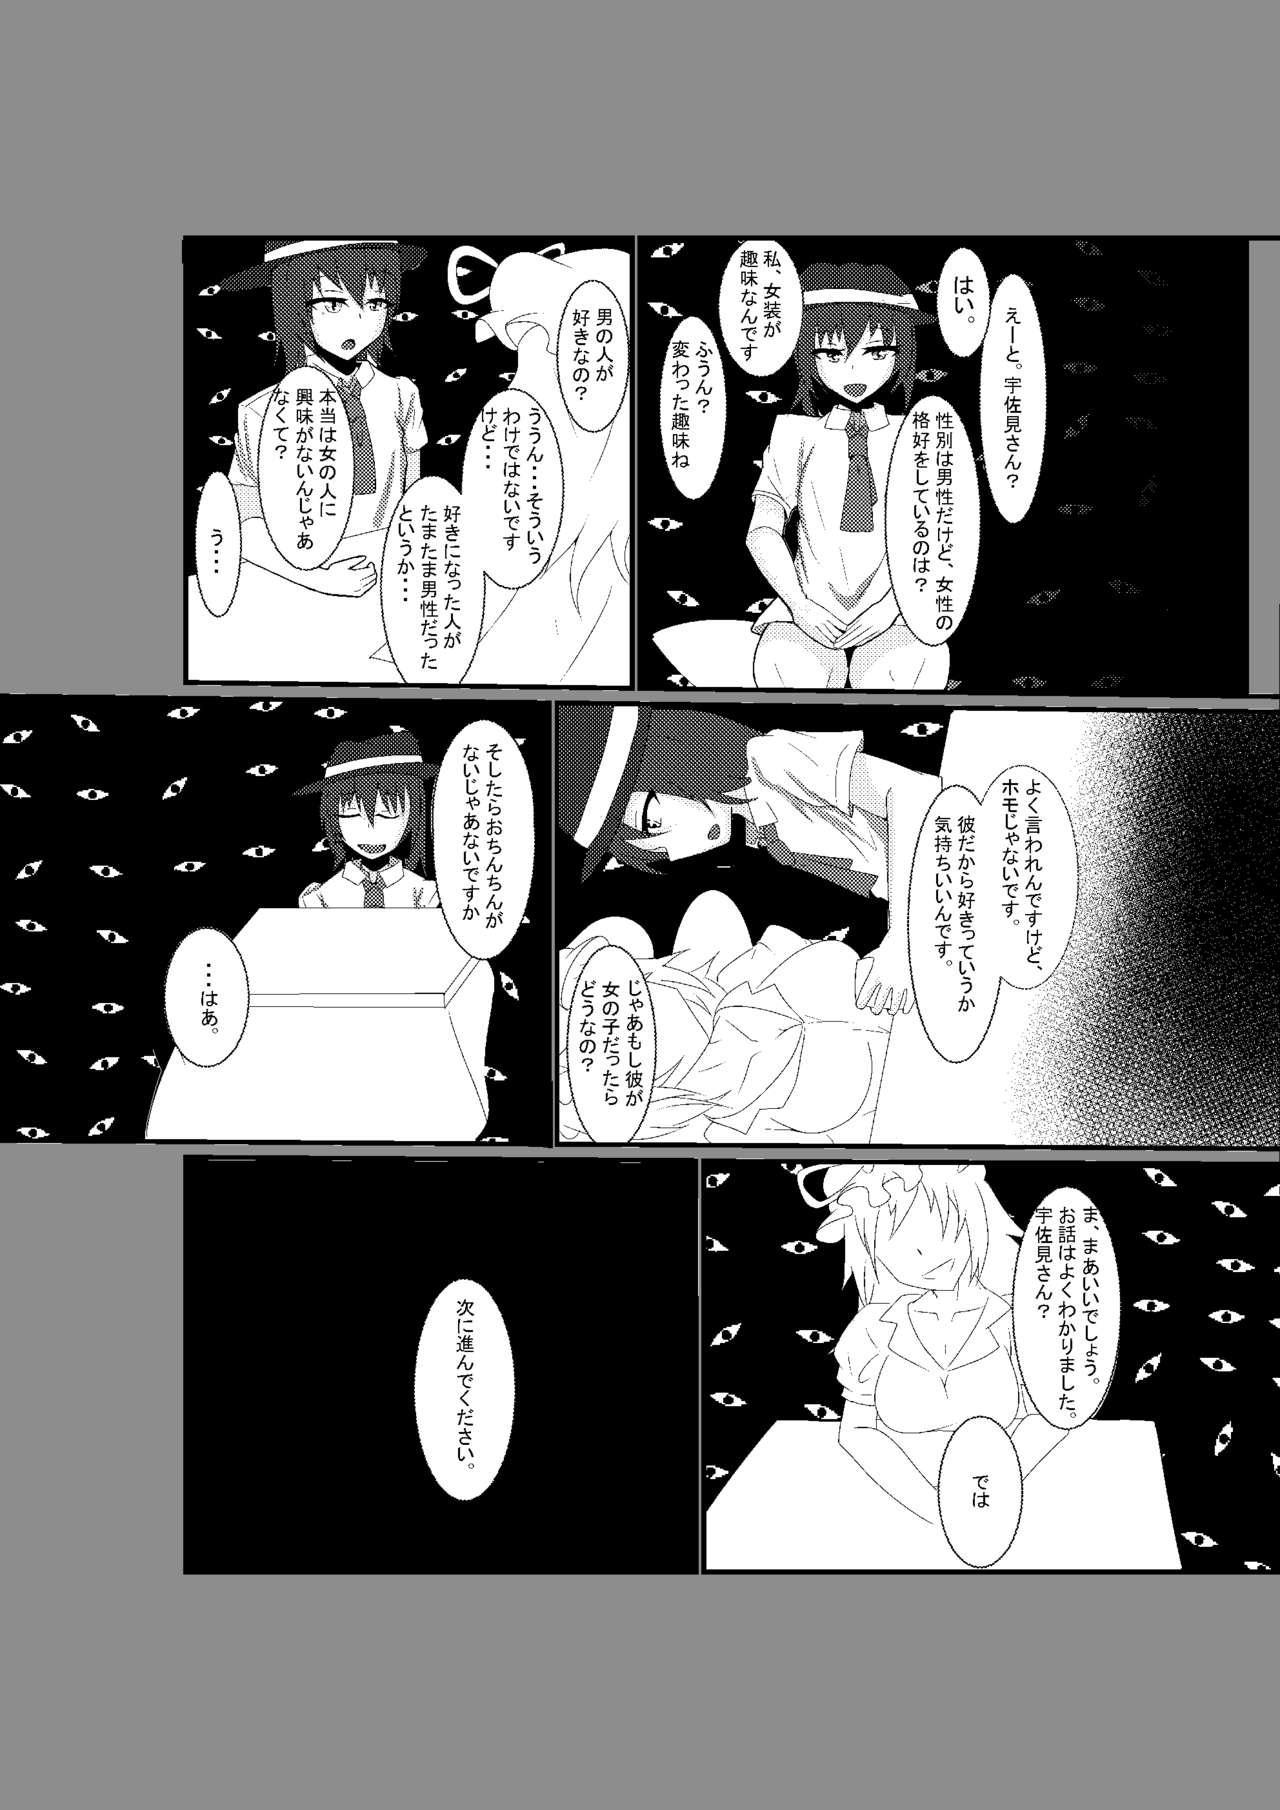 Cosplay Josou Danshi wa Schrodinger no Yume o Miru ka? 5